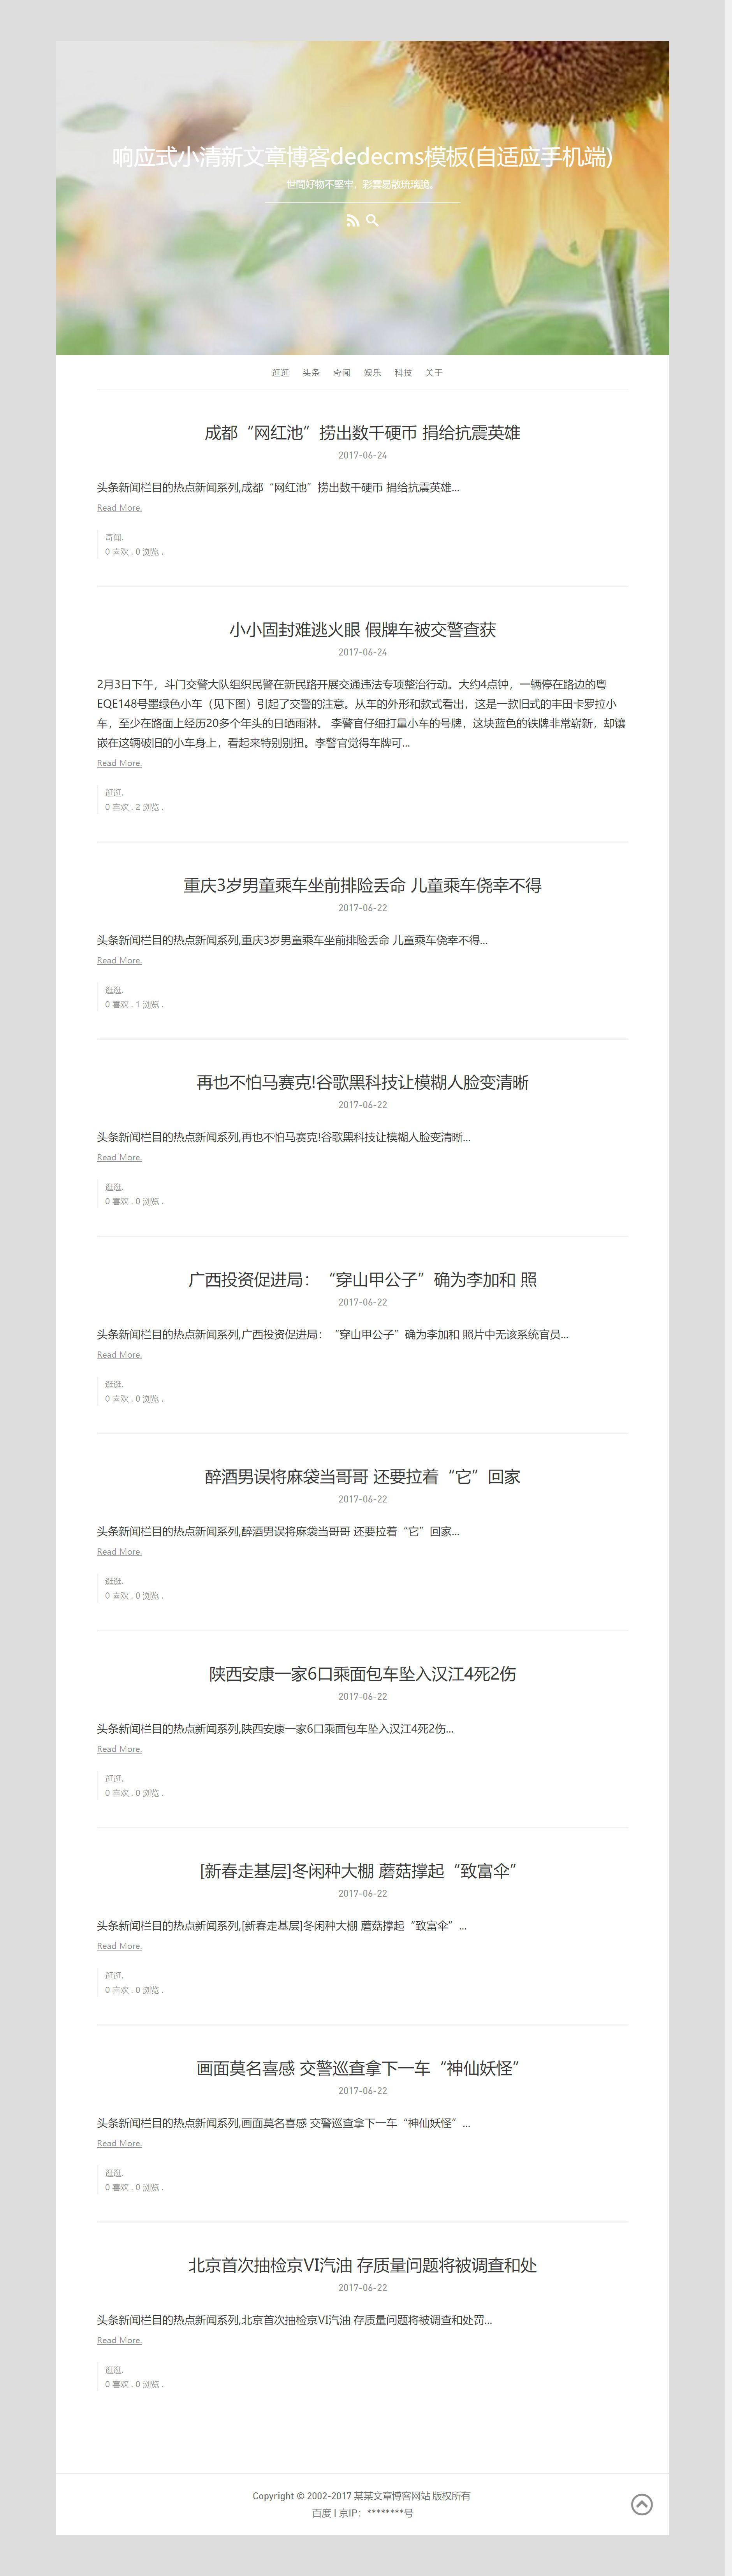 响应式小清新文章博客织梦dedecms模板(自适应手机端)